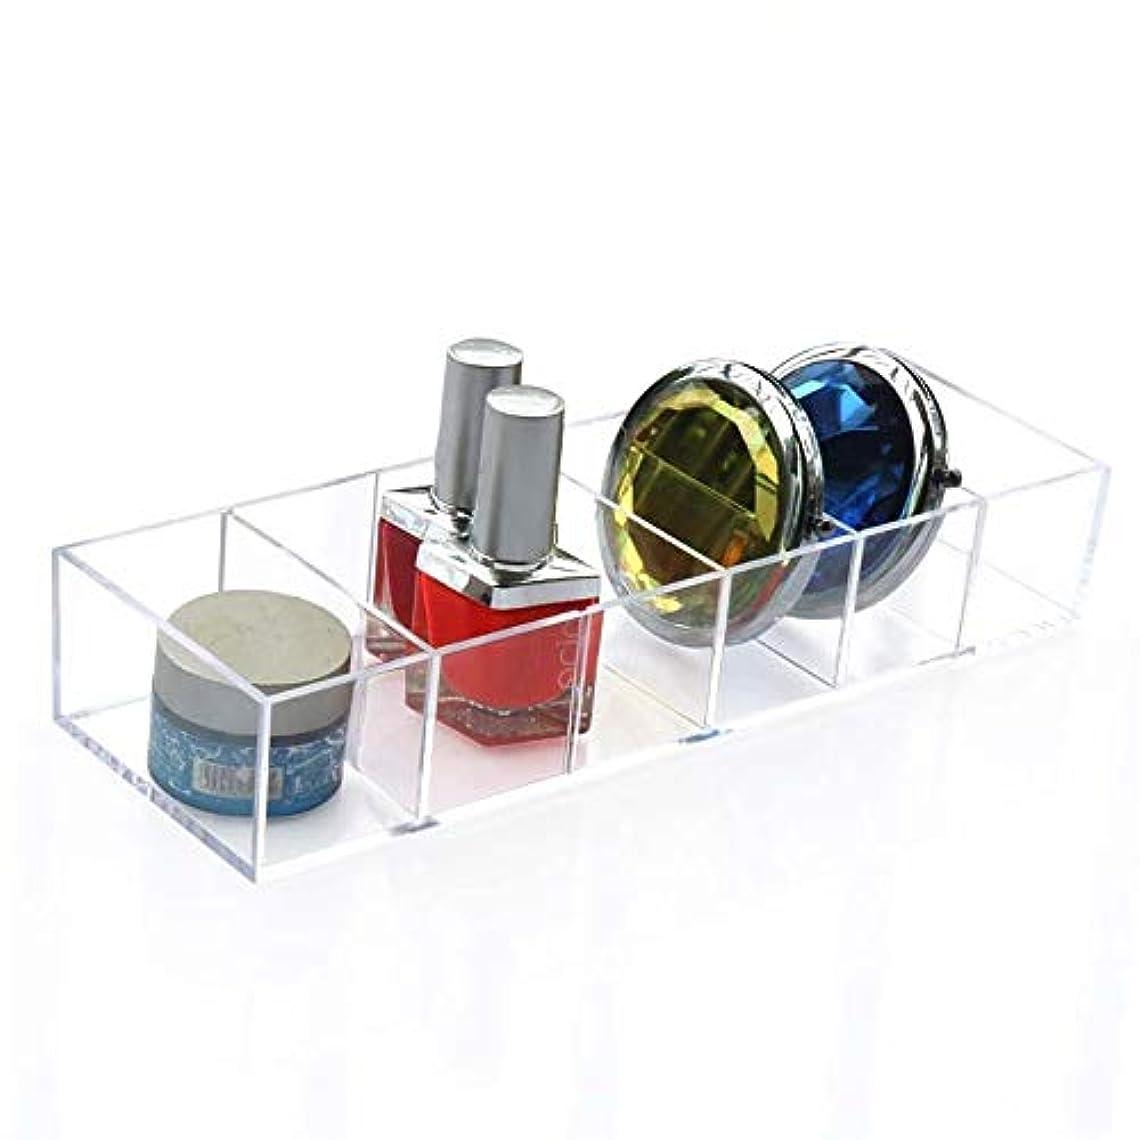 系譜入浴数学整理簡単 シンプル6スロットアクリルフェイスパウダー口紅ホルダー化粧ケース収納オーガナイザーボックス (Color : Clear, Size : 25.5*8.6*4.4CM)